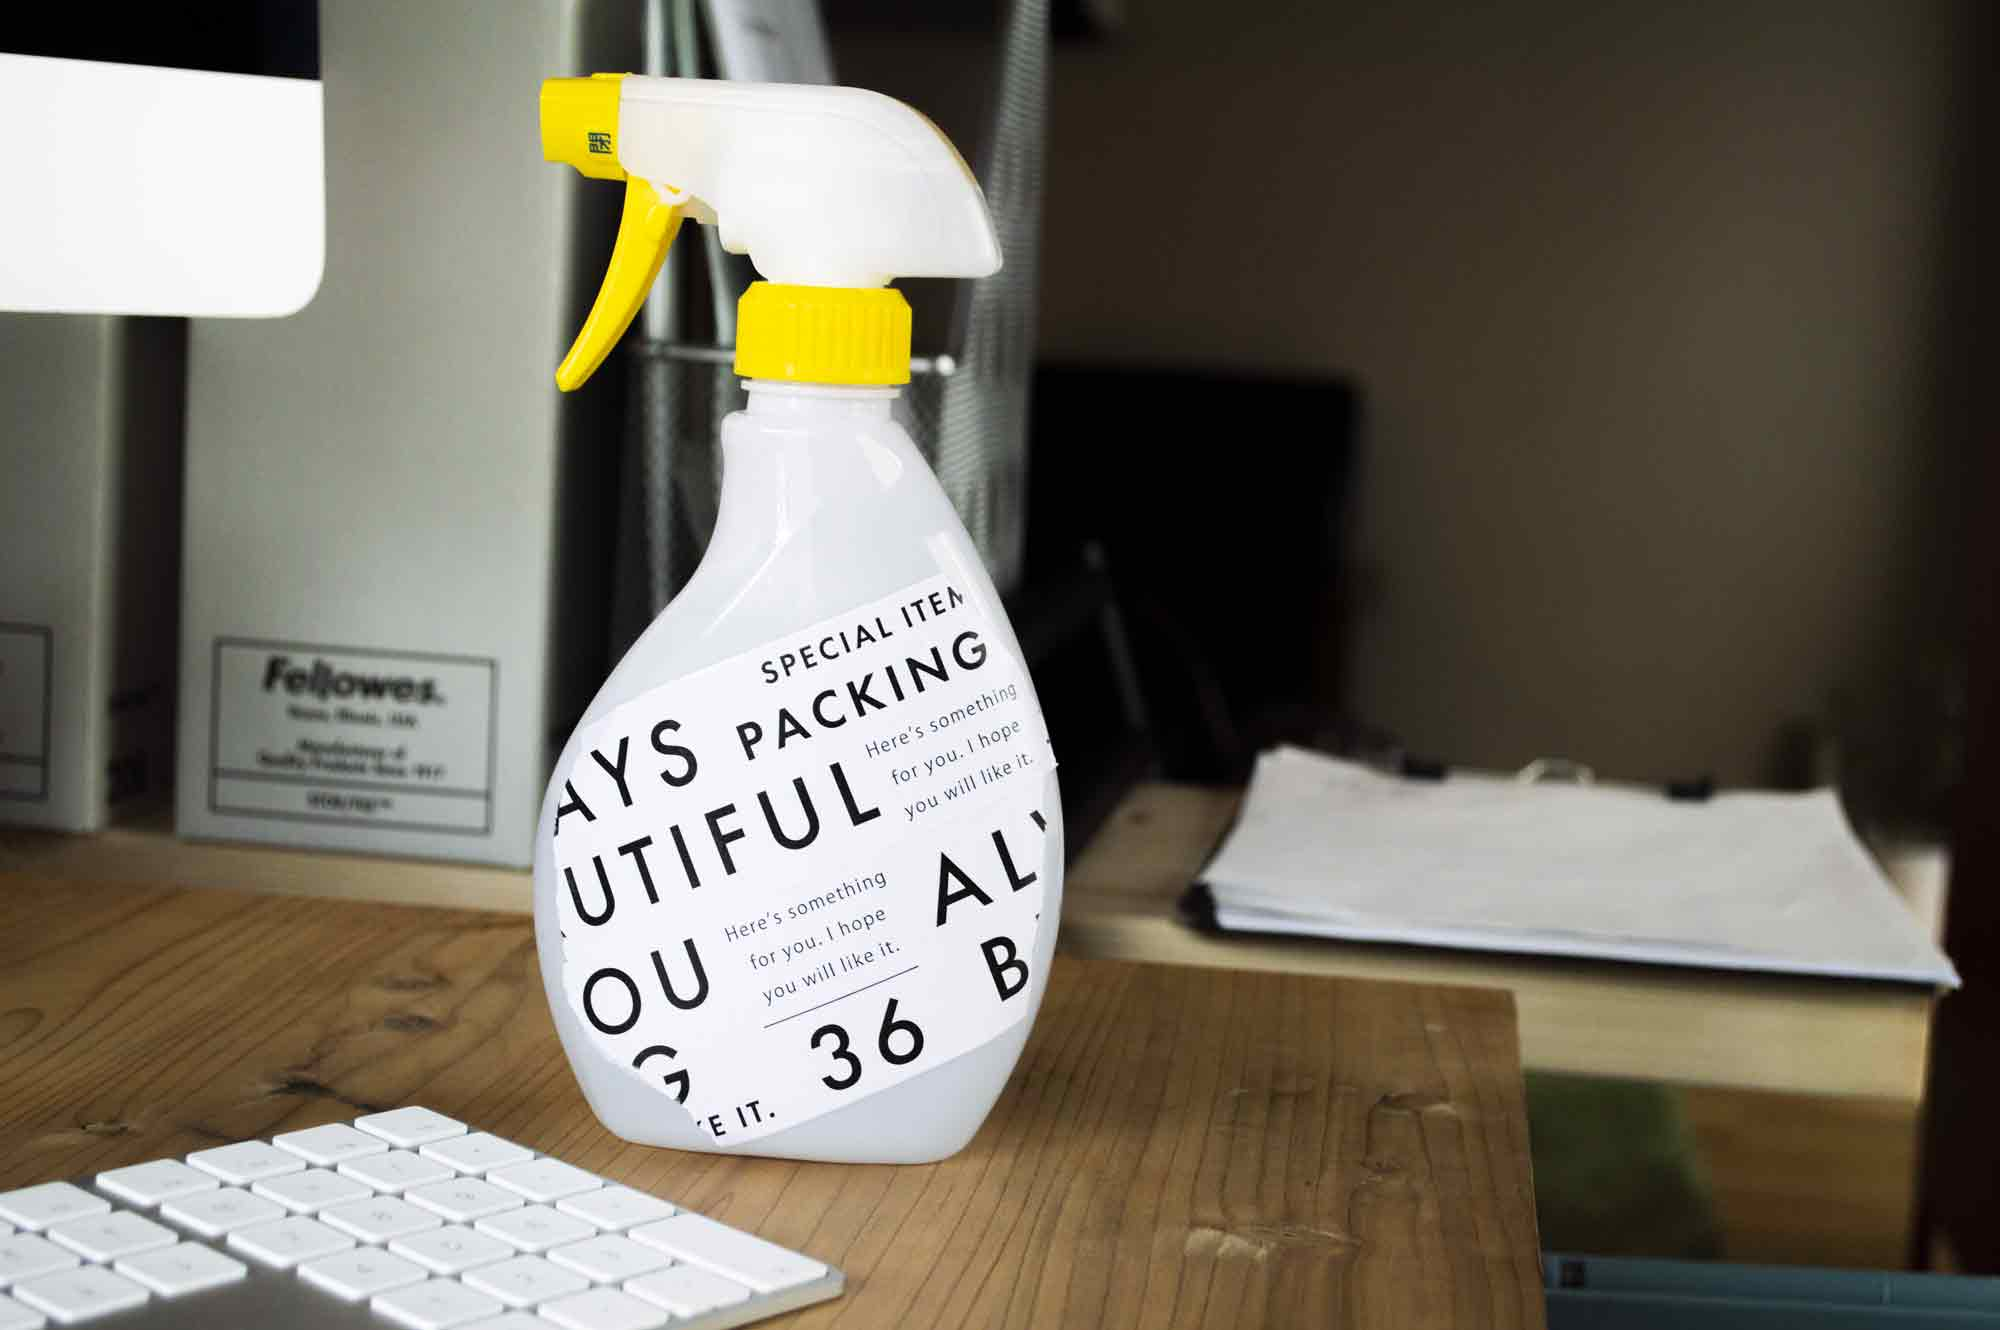 ラベルを変えて生活感を消したアルコールスプレーボトル